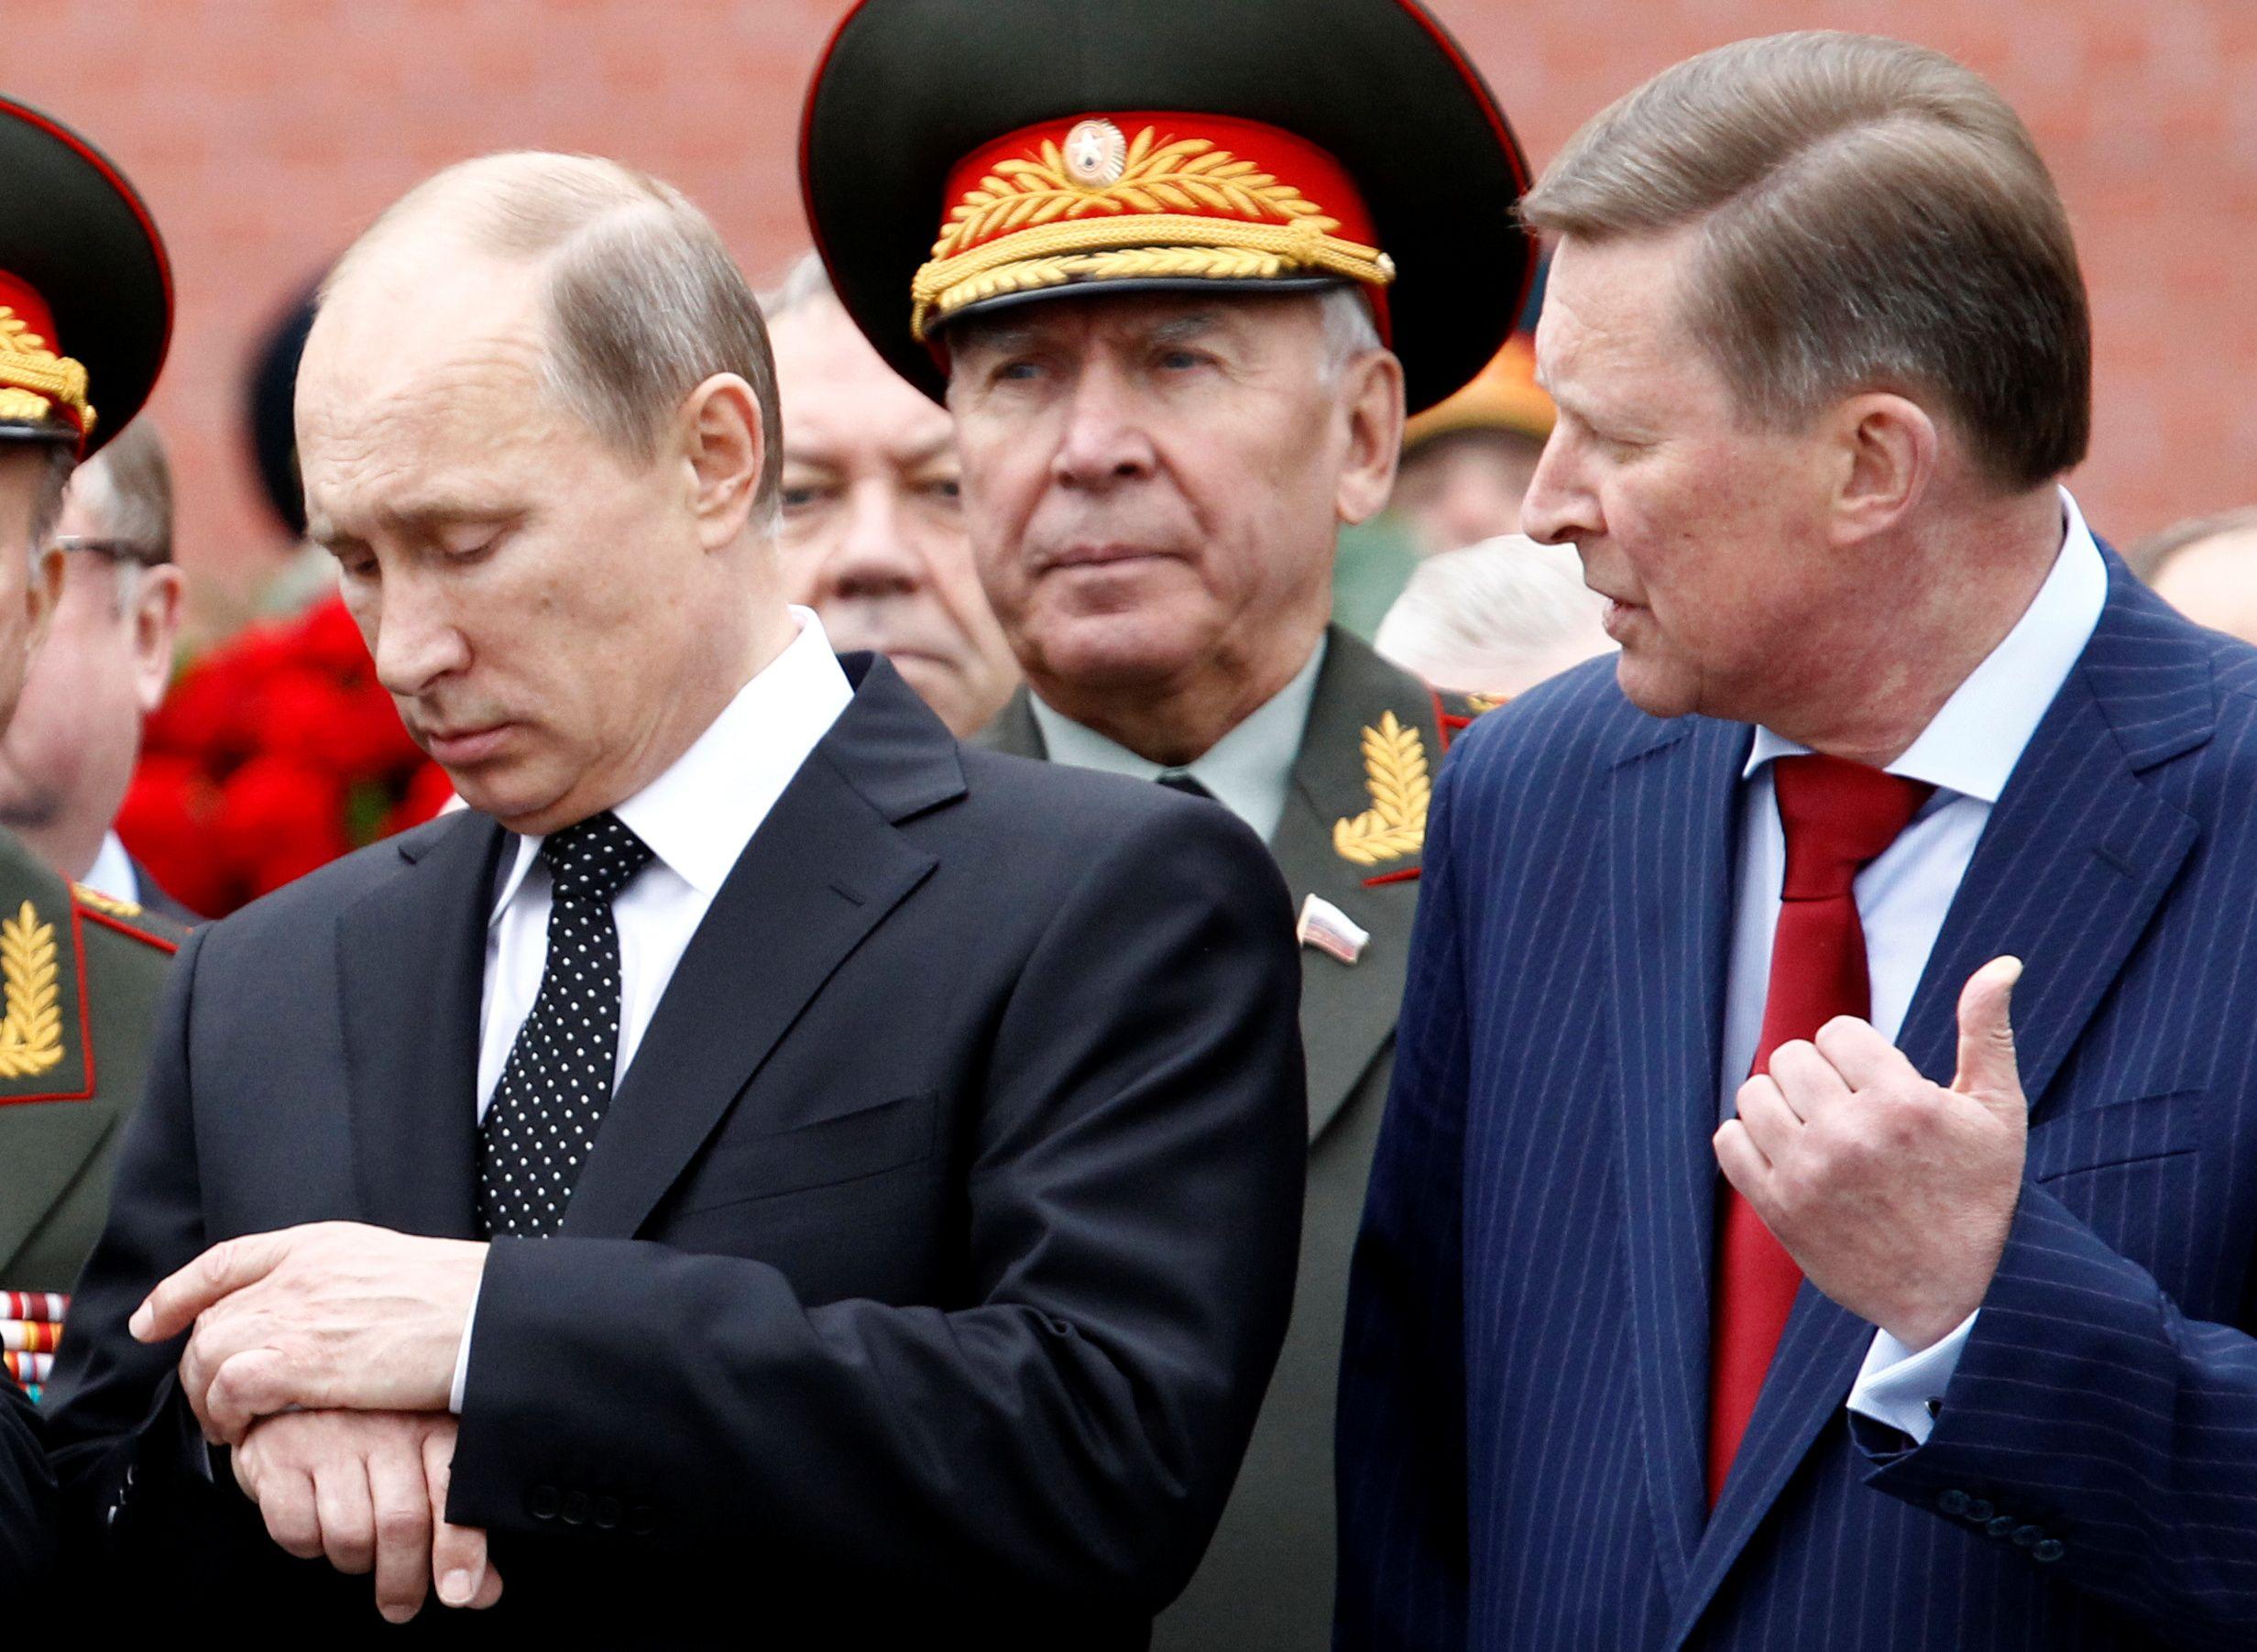 Putin and Ivanov